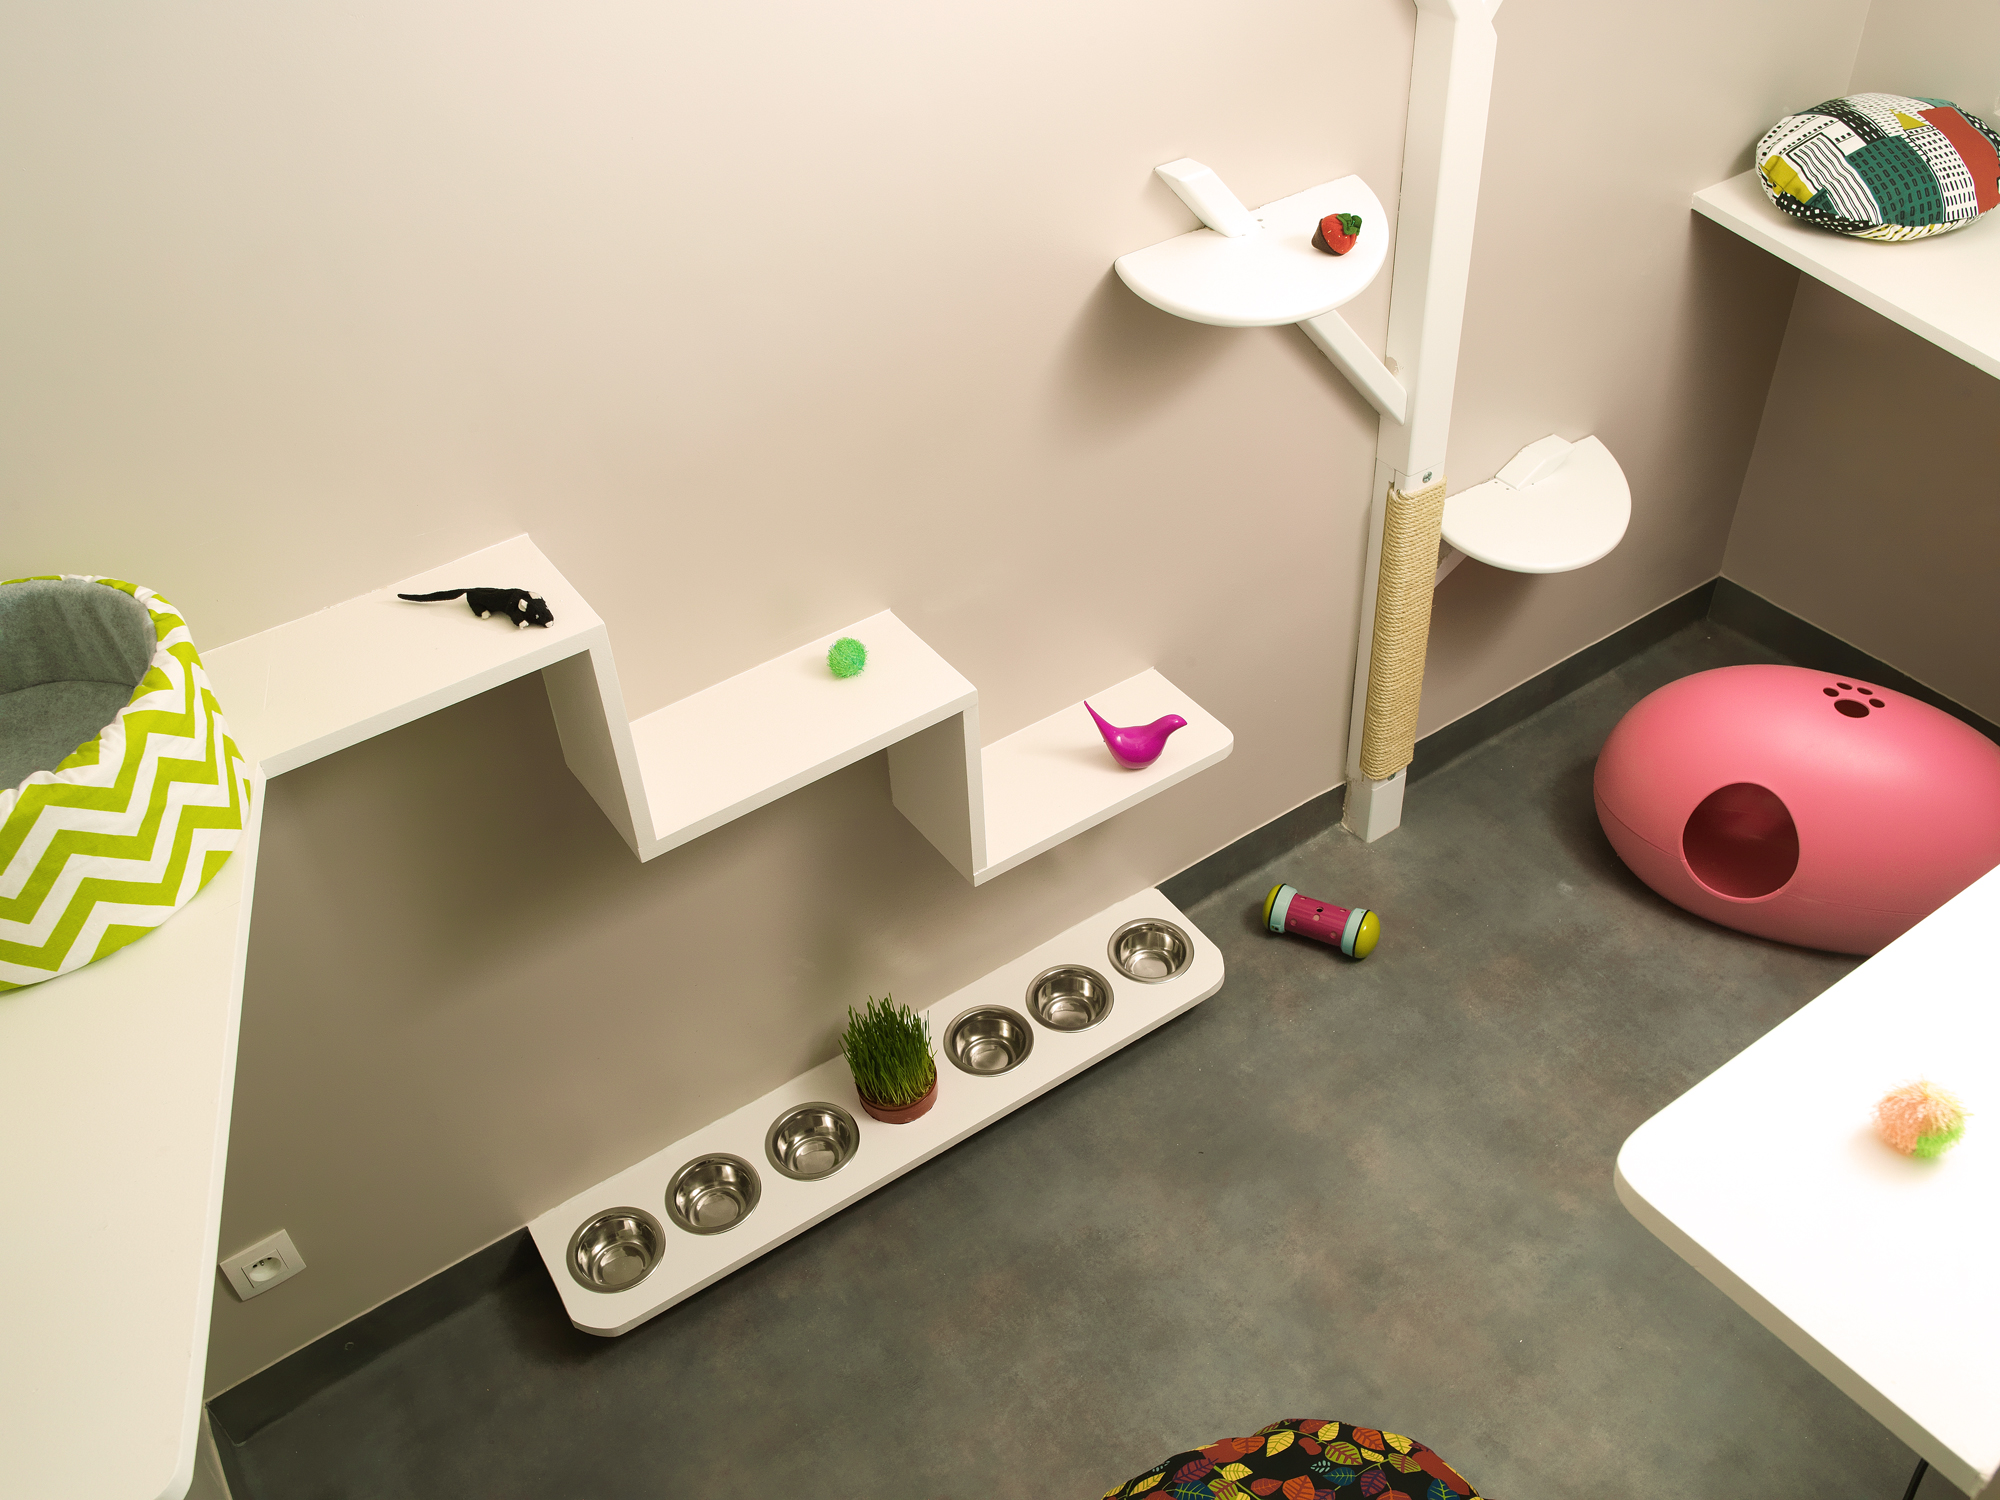 aristide le premier h tel pour chats paris deedee. Black Bedroom Furniture Sets. Home Design Ideas